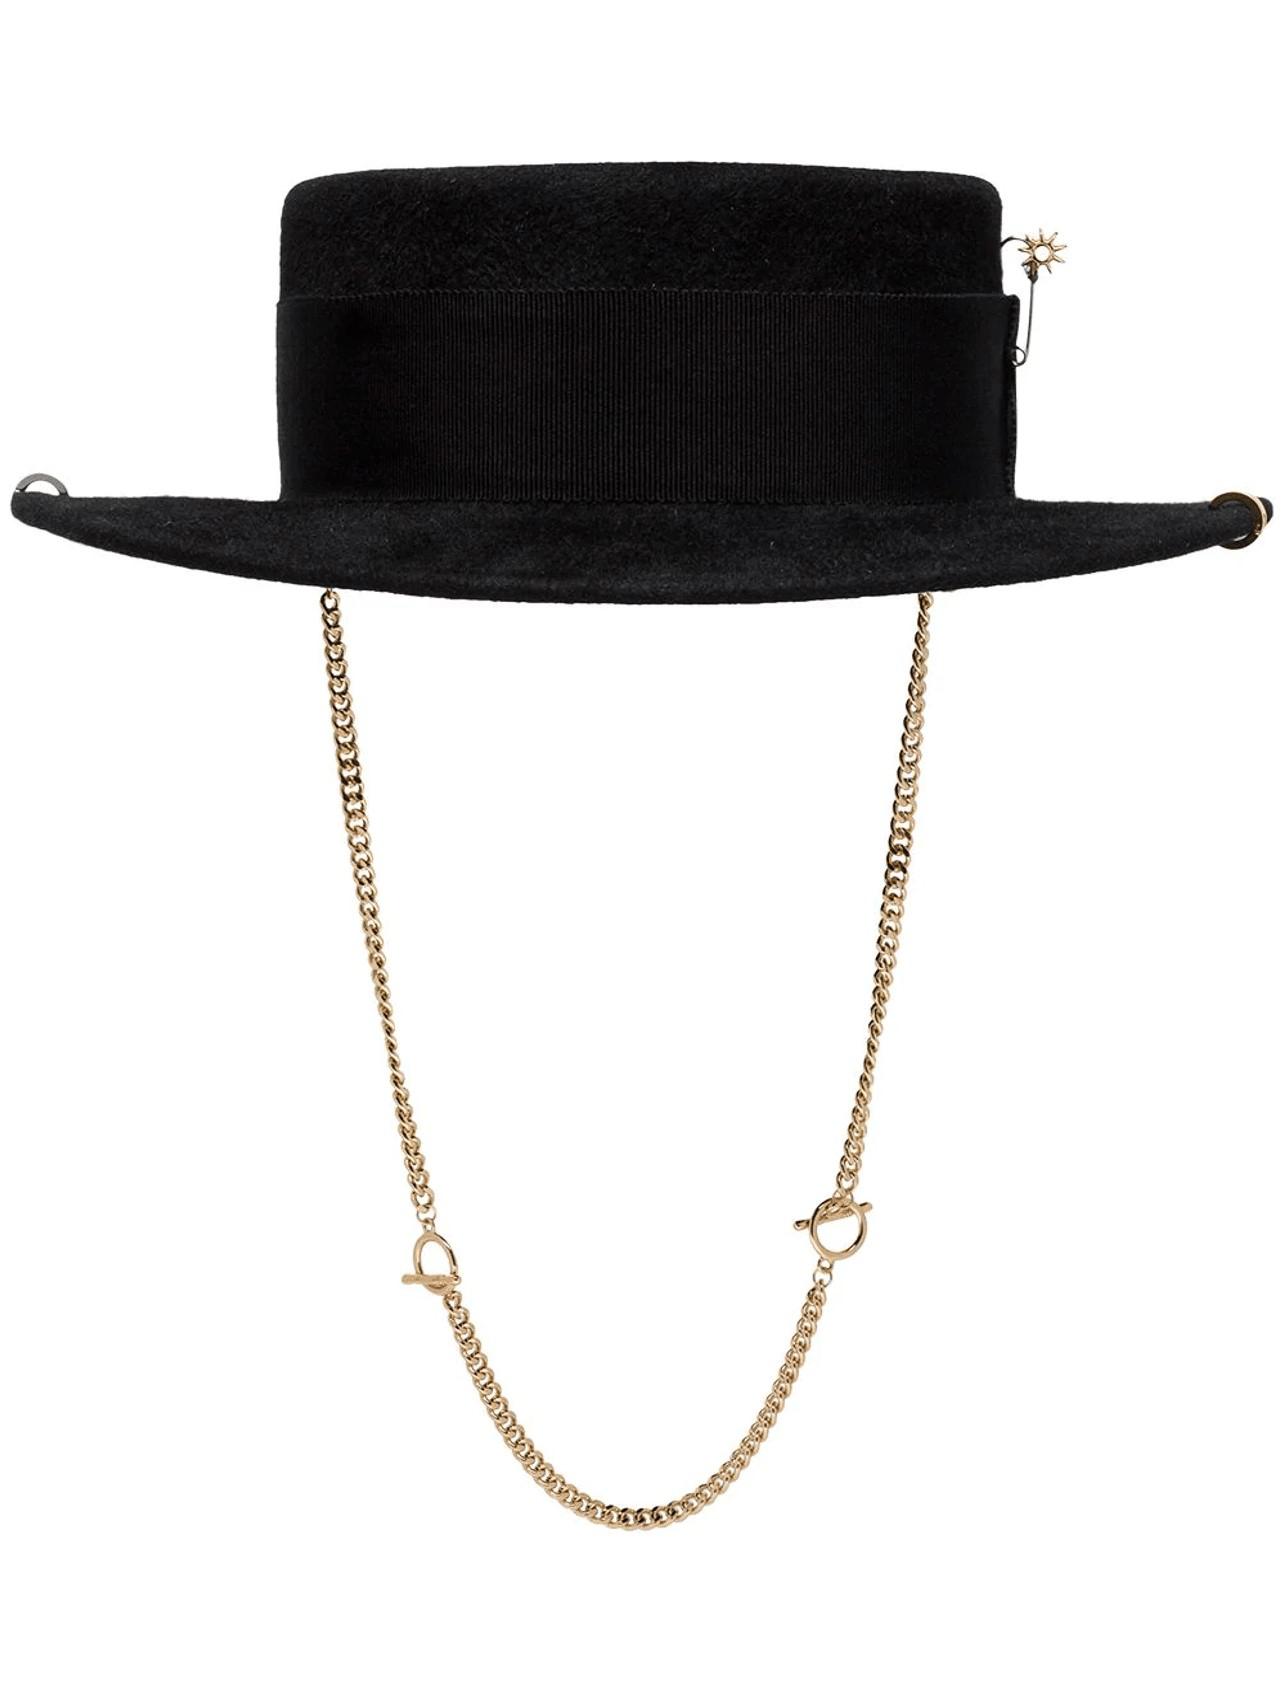 Tips y estilos ideales para vestir a la moda cada día en el Teletrabajo/RUSLAN BAGINSKIY sombrero canotie con cadena